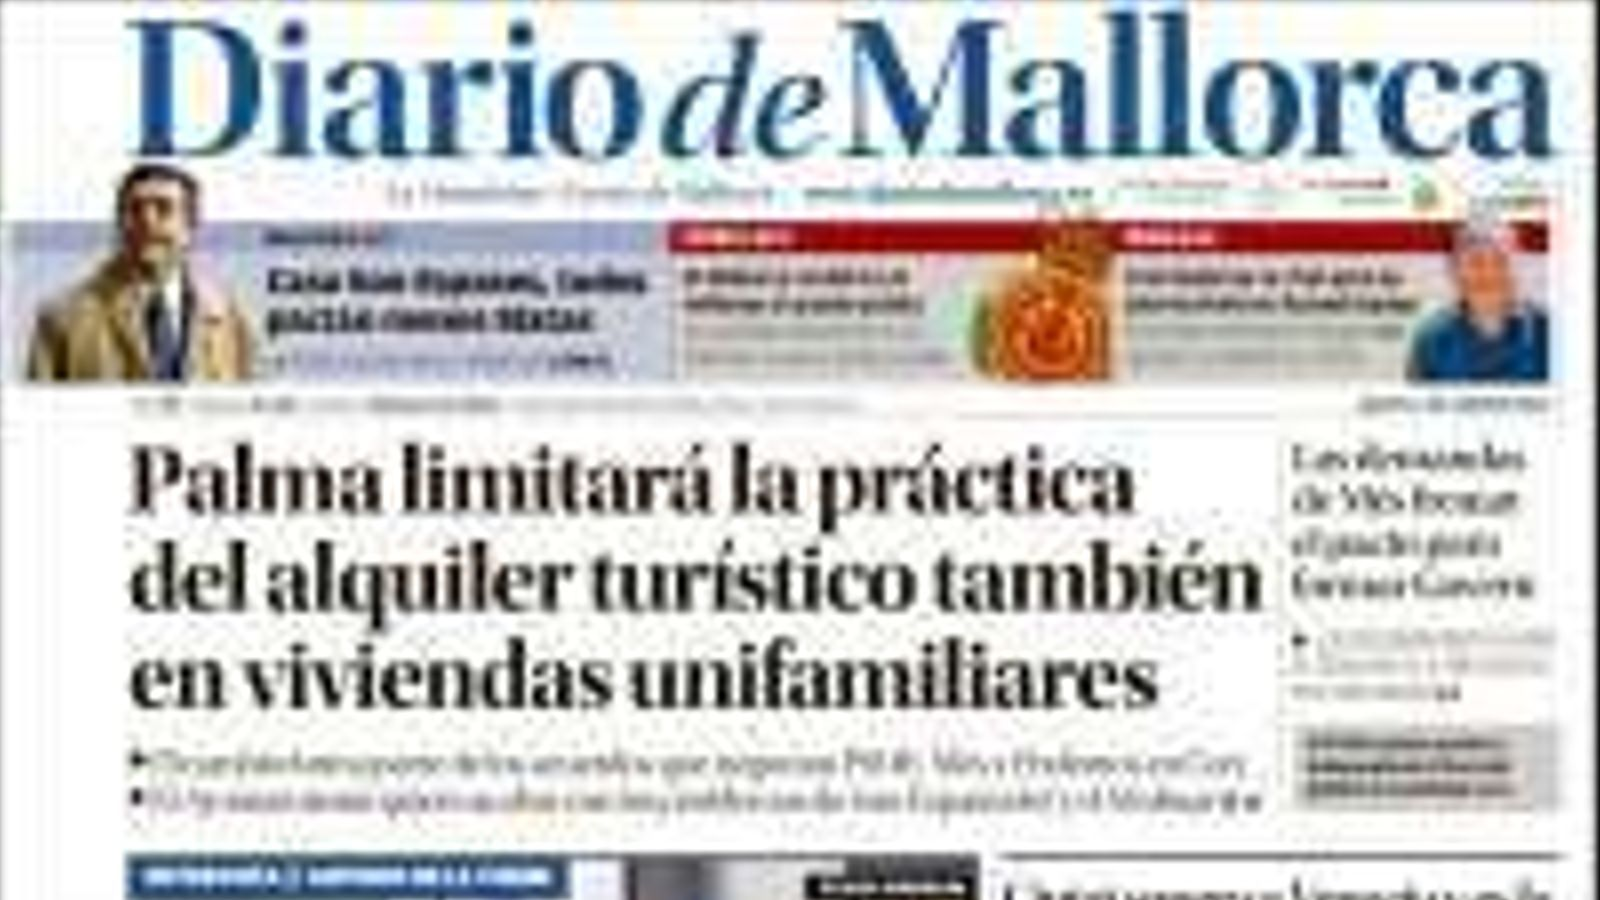 """""""Palma limitarà la pràctica de lloguer turístic també en habitatges unifamiliars"""", portada de 'Diario de Mallorca'"""